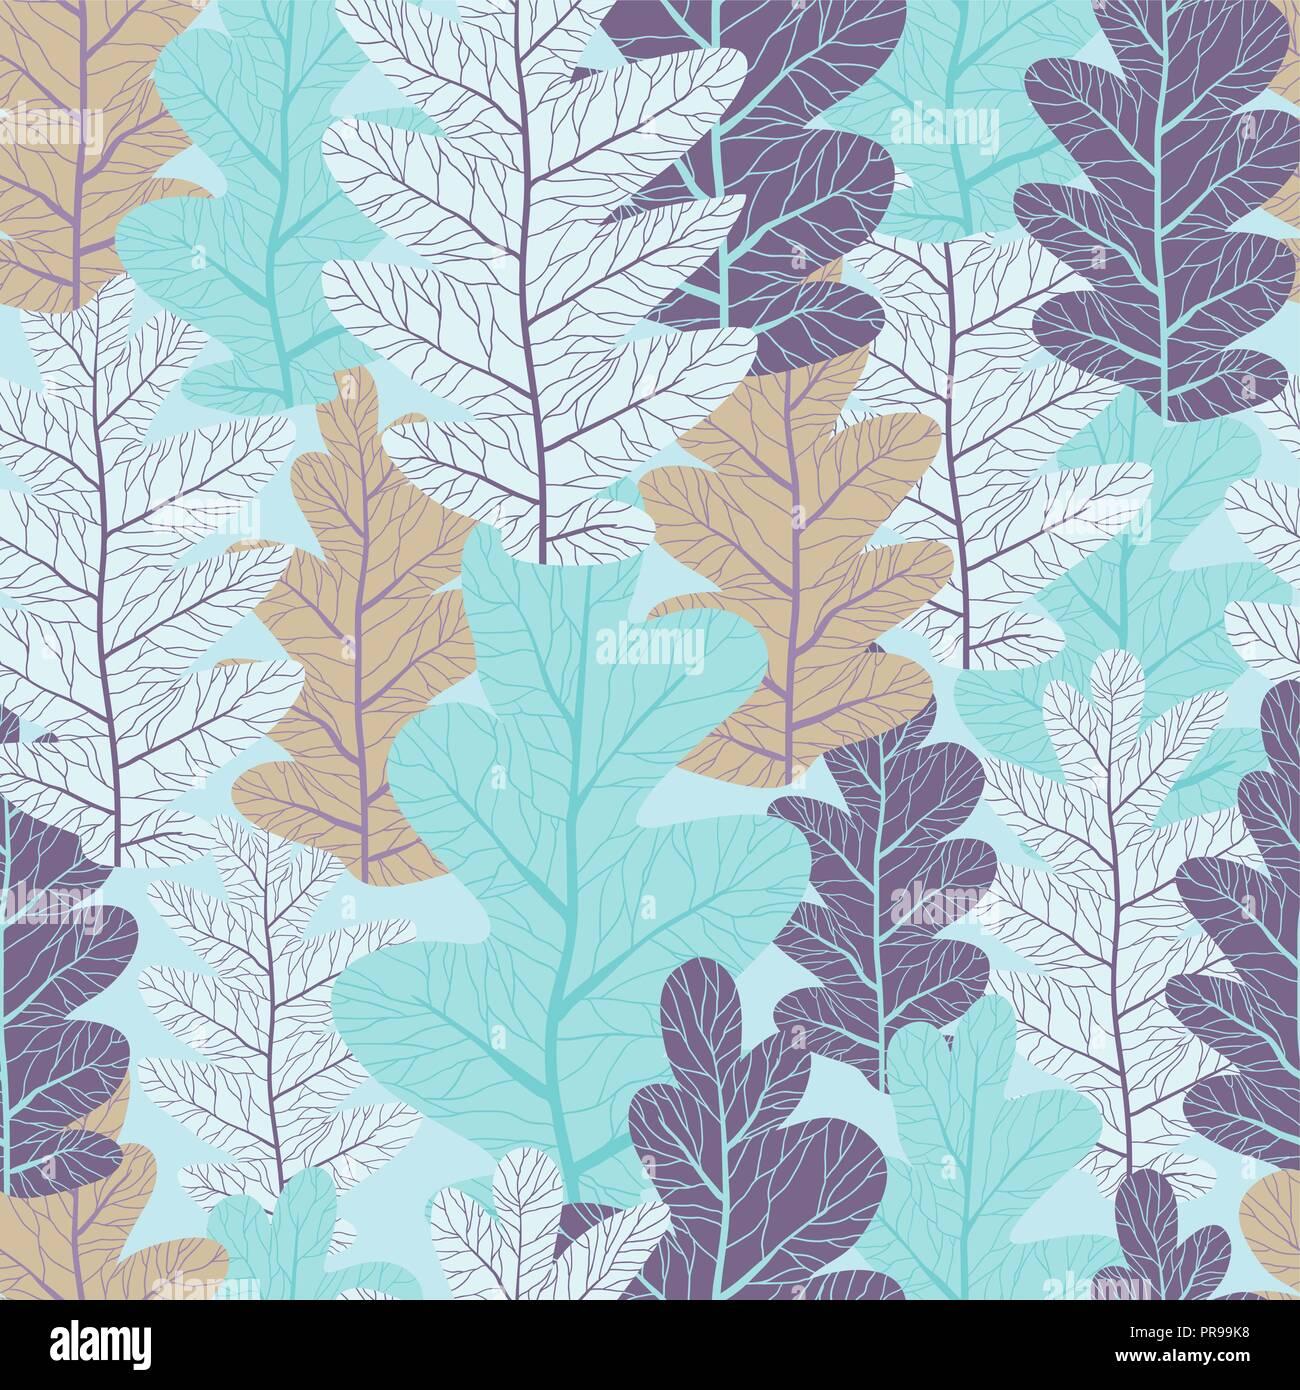 oak leaves stylized seamless pattern stock photos oak leaves